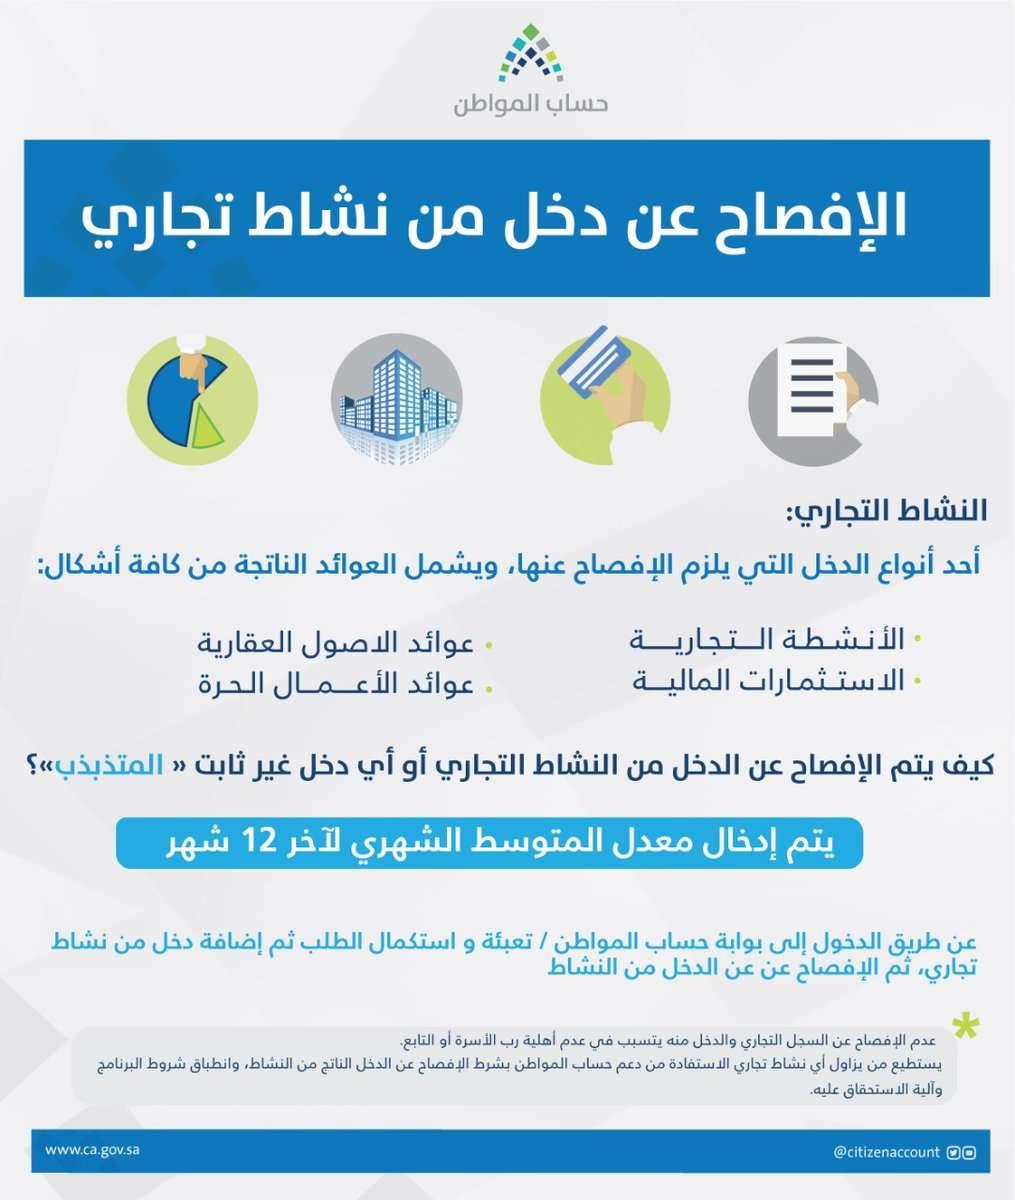 حساب المواطن يوضح طريقة الإفصاح عن الأنشطة التجارية